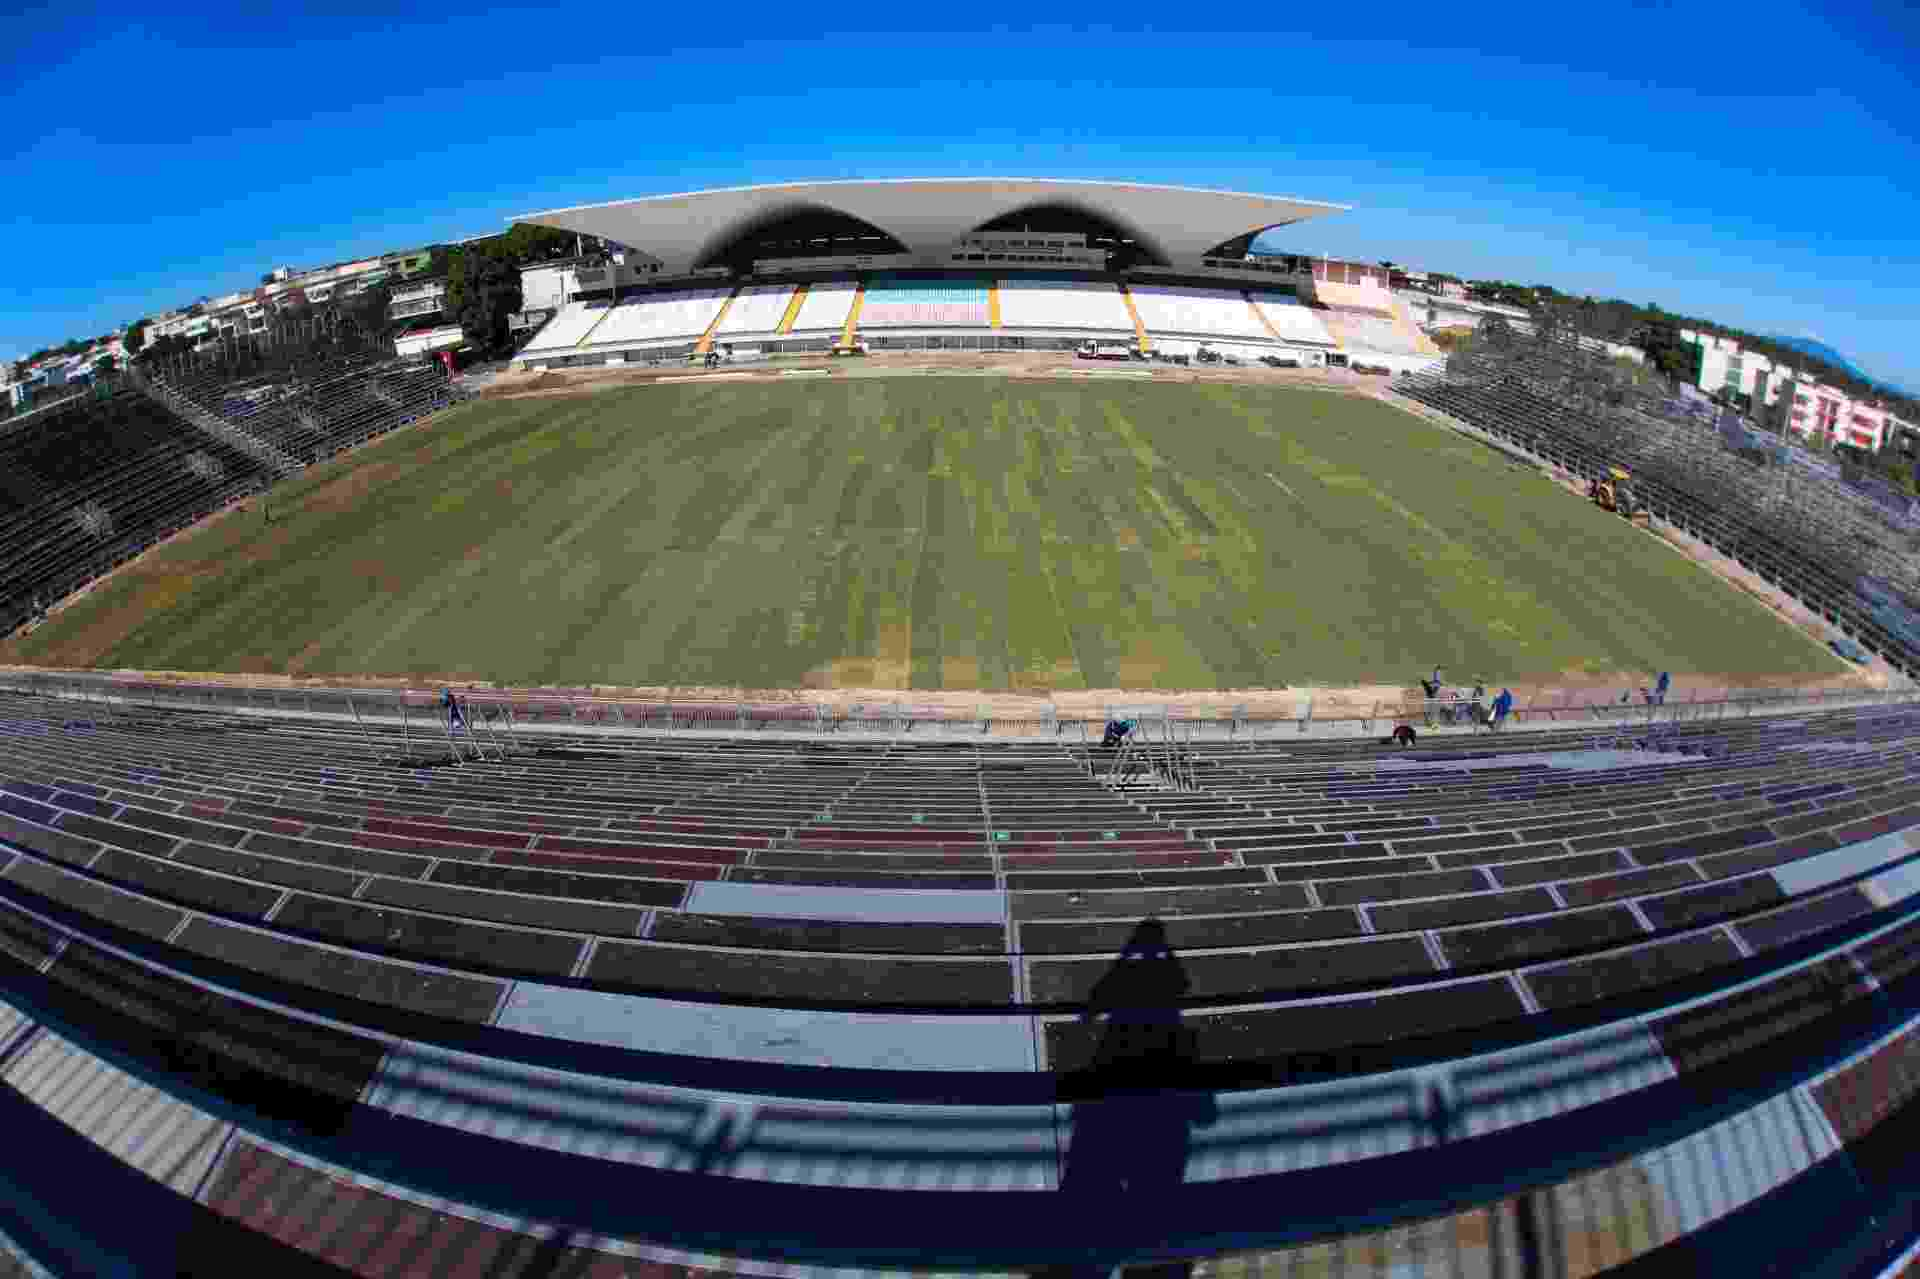 O Flamengo realiza obras da Arena da Ilha para a estreia no dia 8 de março - Gilvan de Souza/ Flamengo